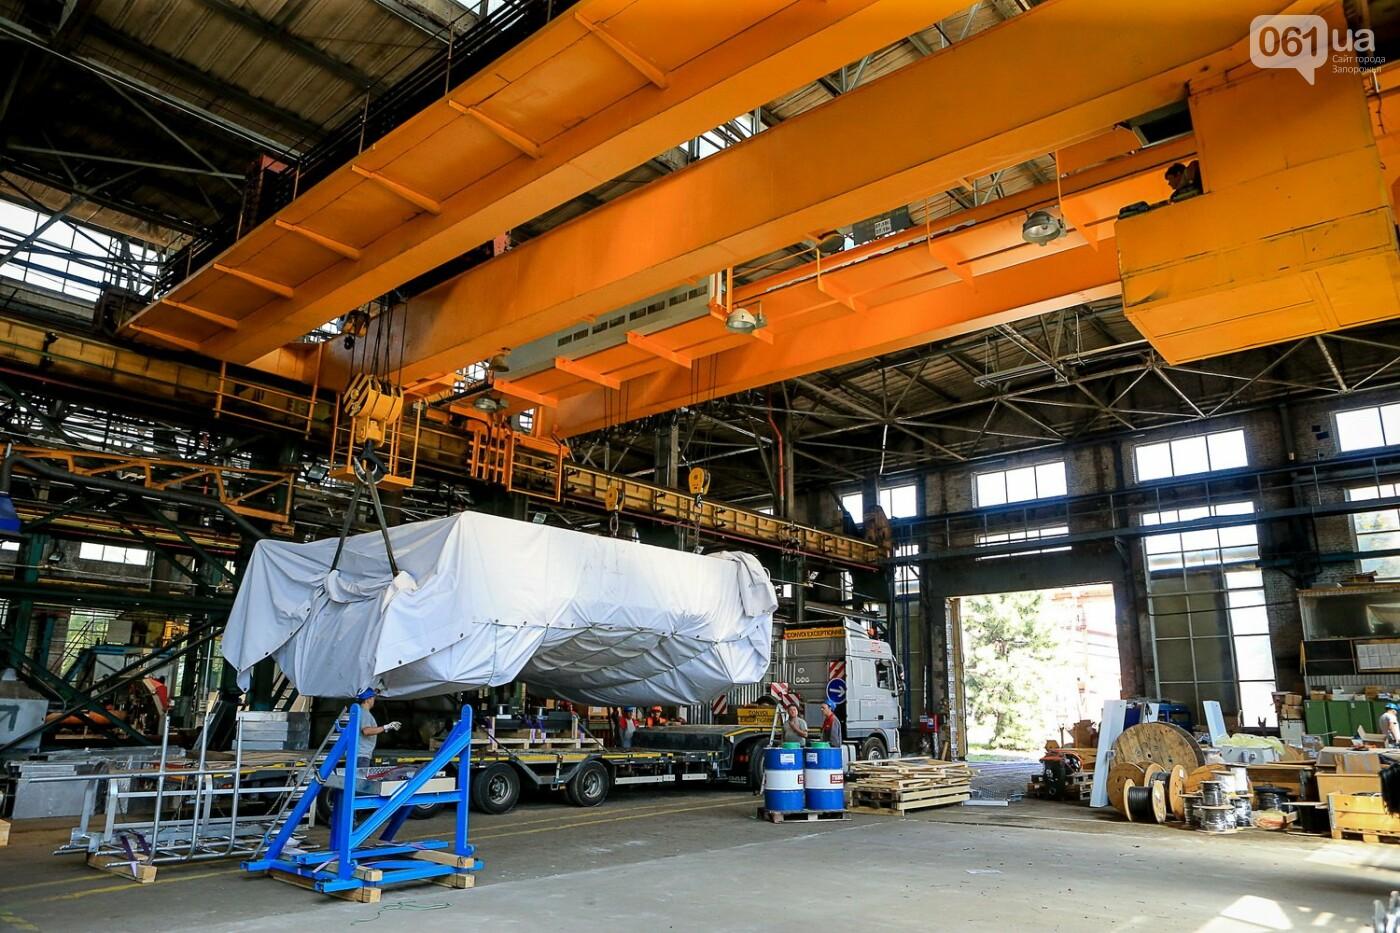 Как в Запорожье работает крупнейший в Европе завод по производству кранов: экскурсия на производство, — ФОТОРЕПОРТАЖ, фото-64